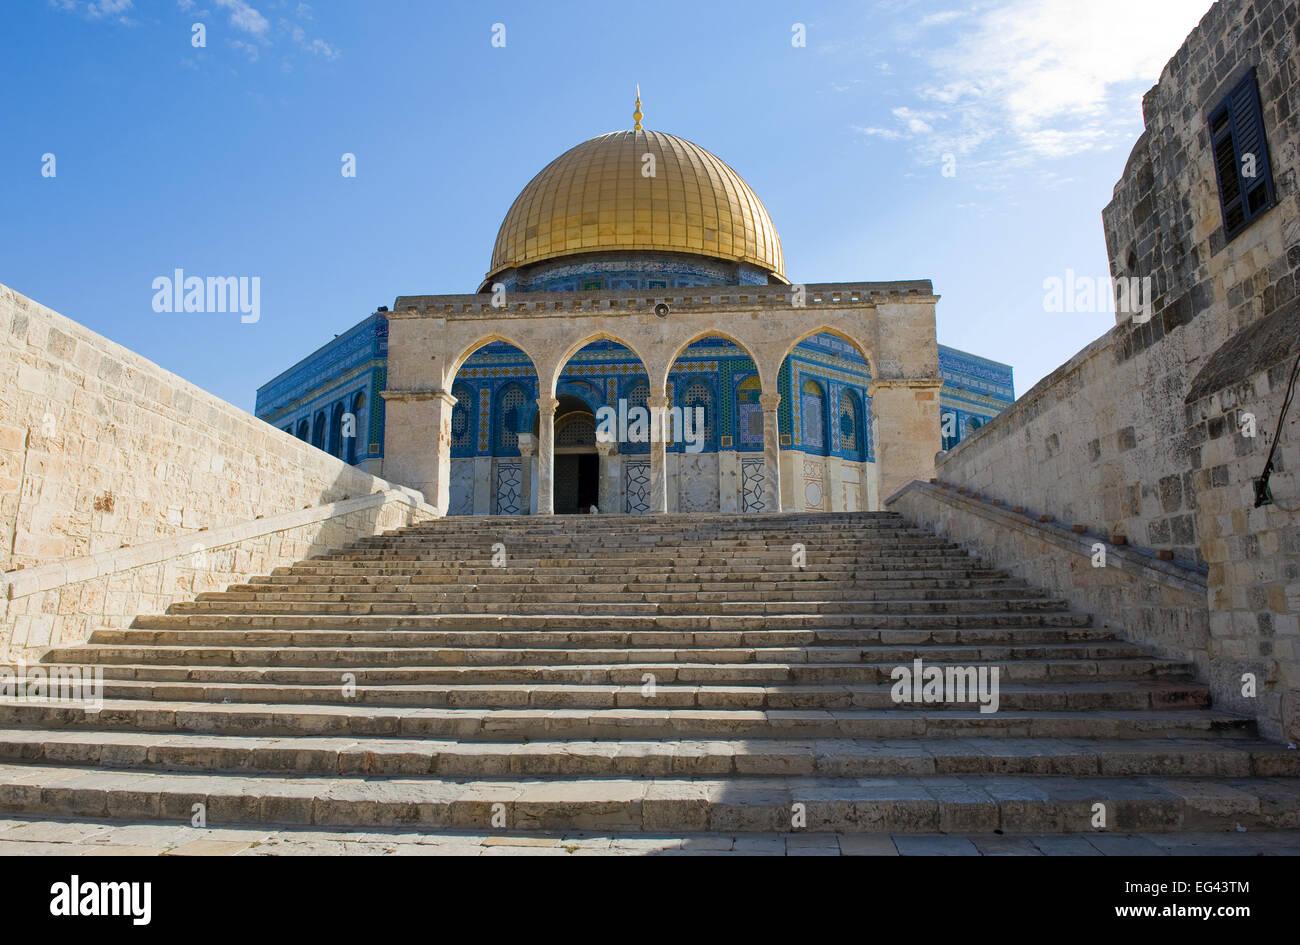 La cúpula de la roca en el Monte del Templo en Jerusalén Foto de stock